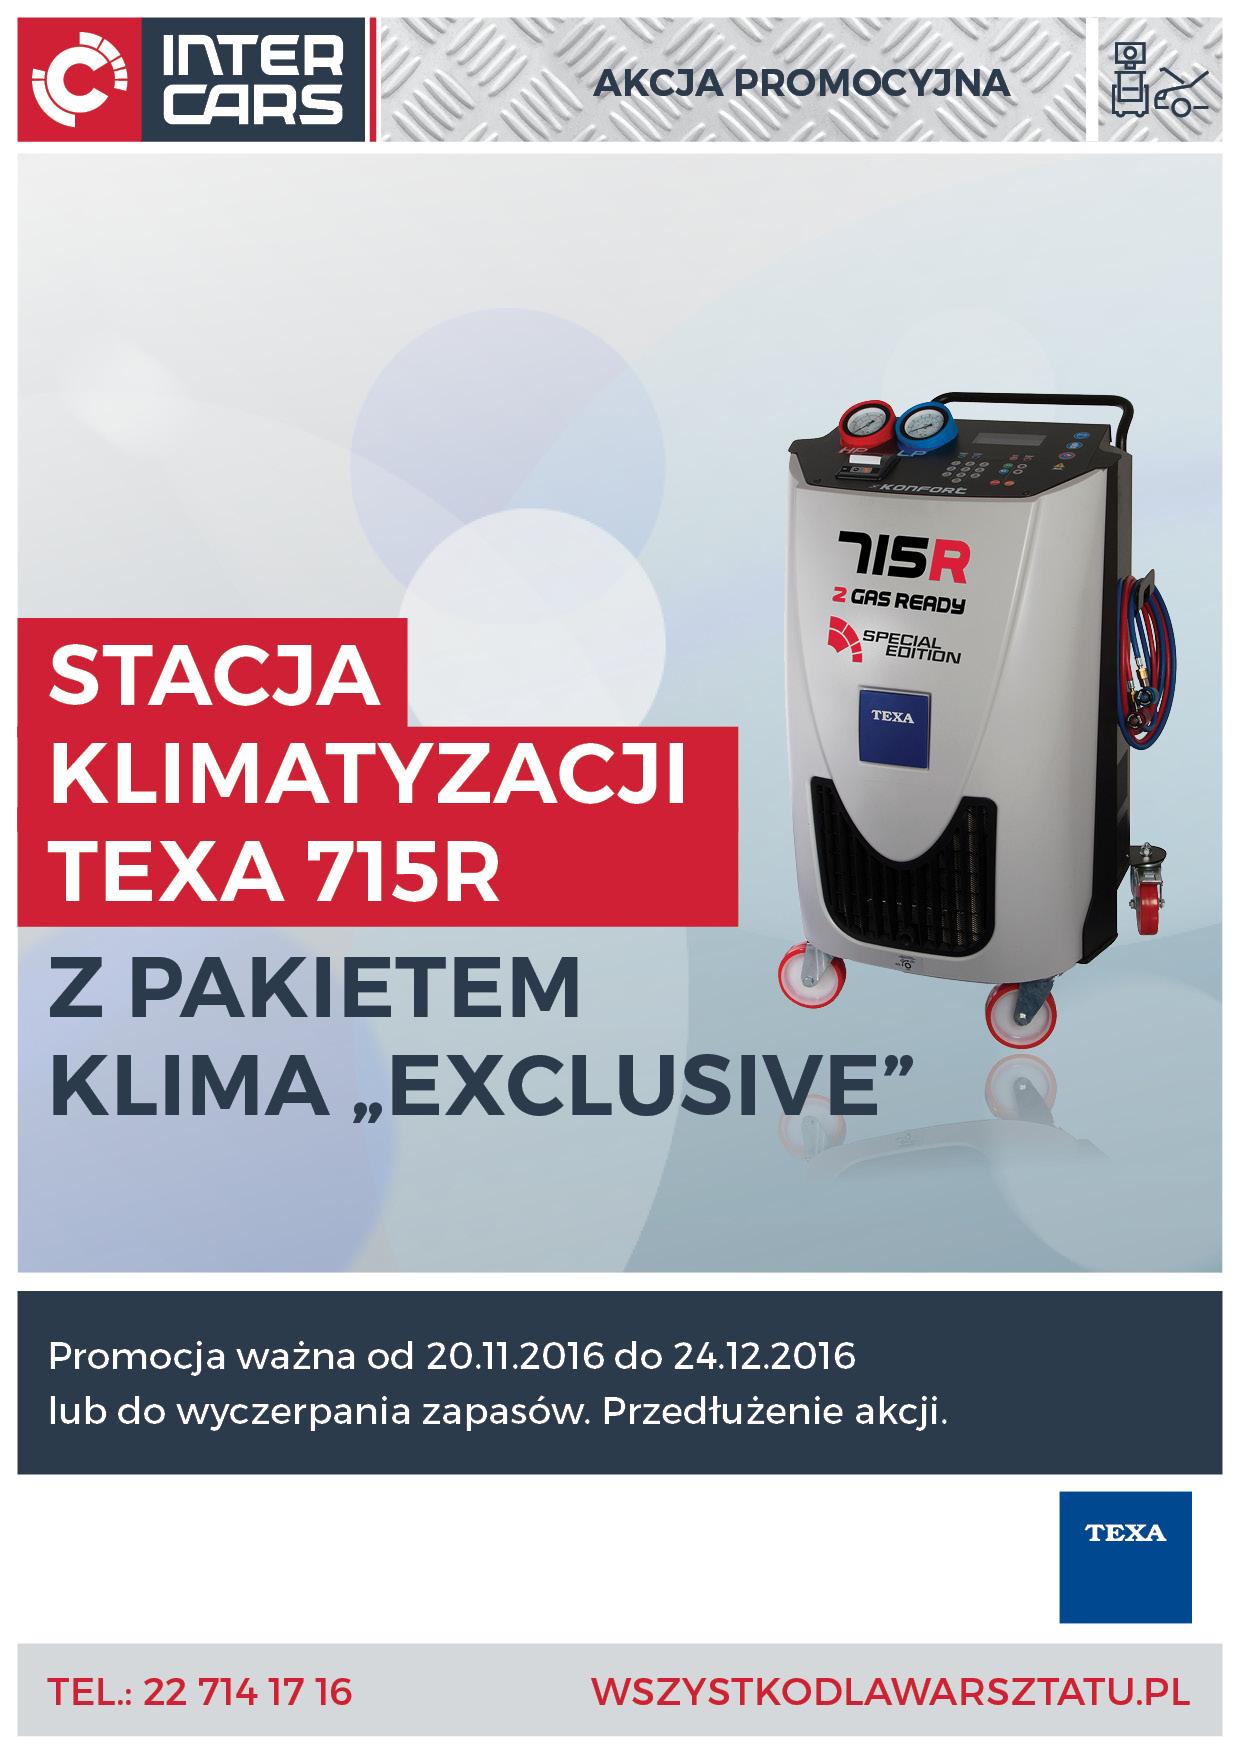 Super Promocja Stacji Klimatyzacji Texa 715R + Pakiet klima Exclusive